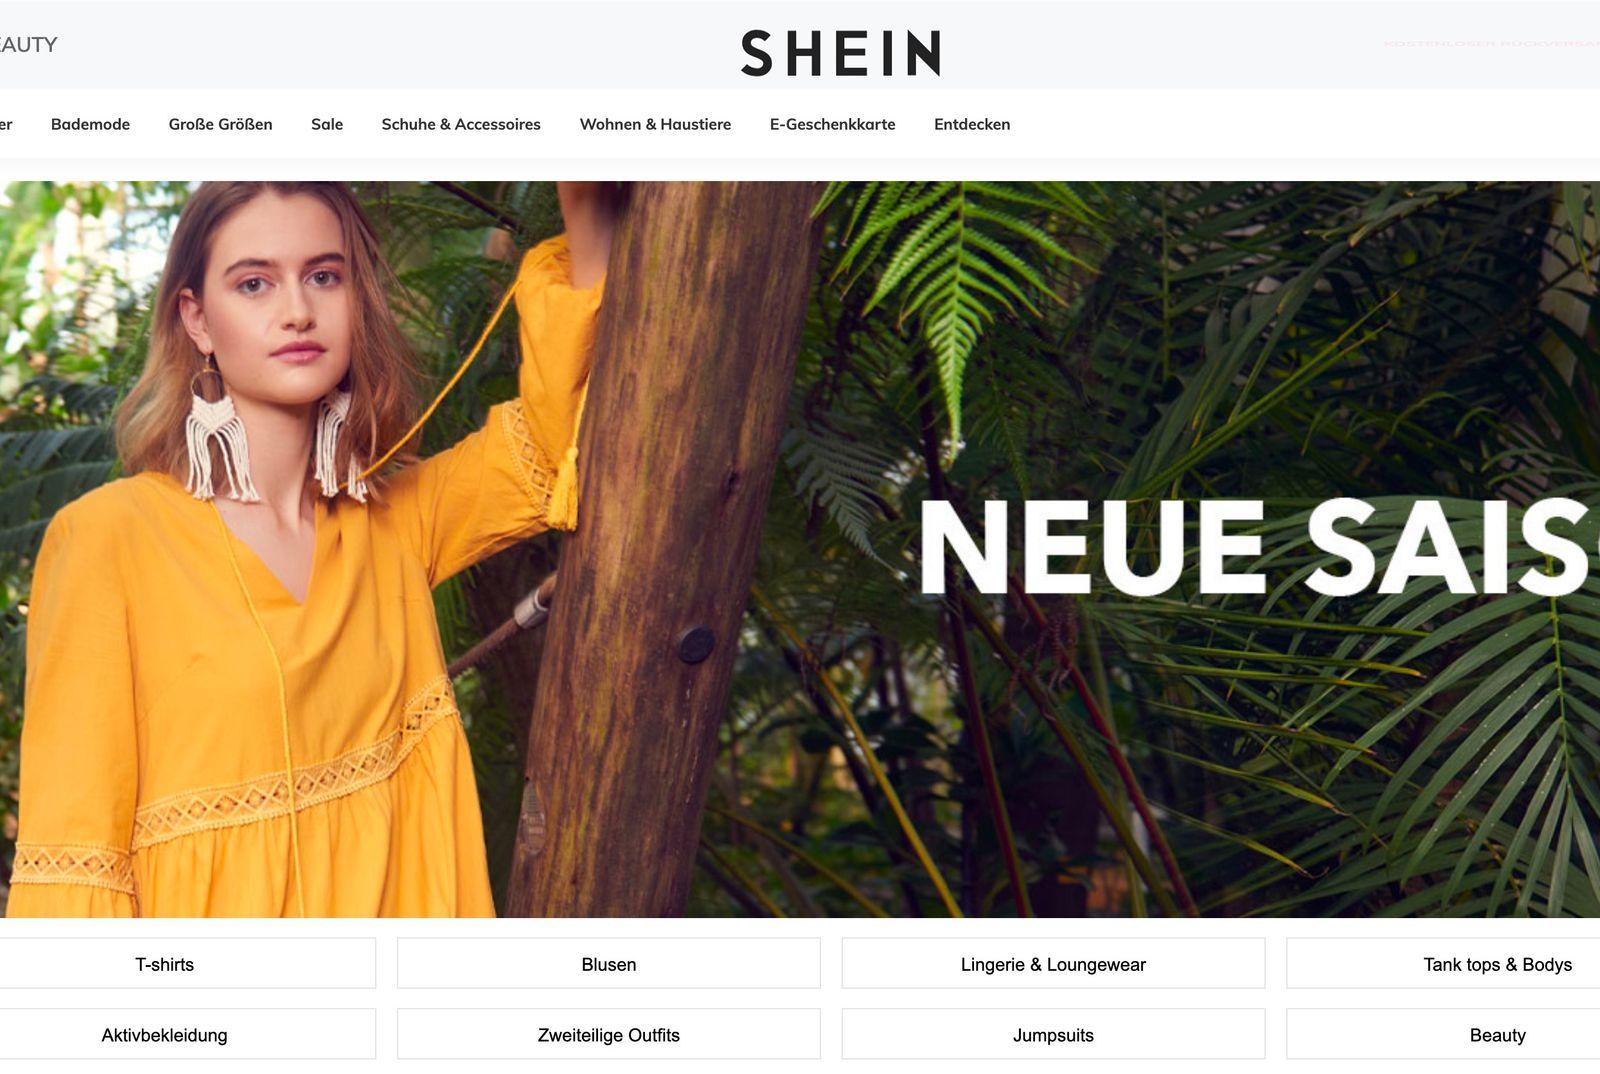 de.shein.com/ screenshot